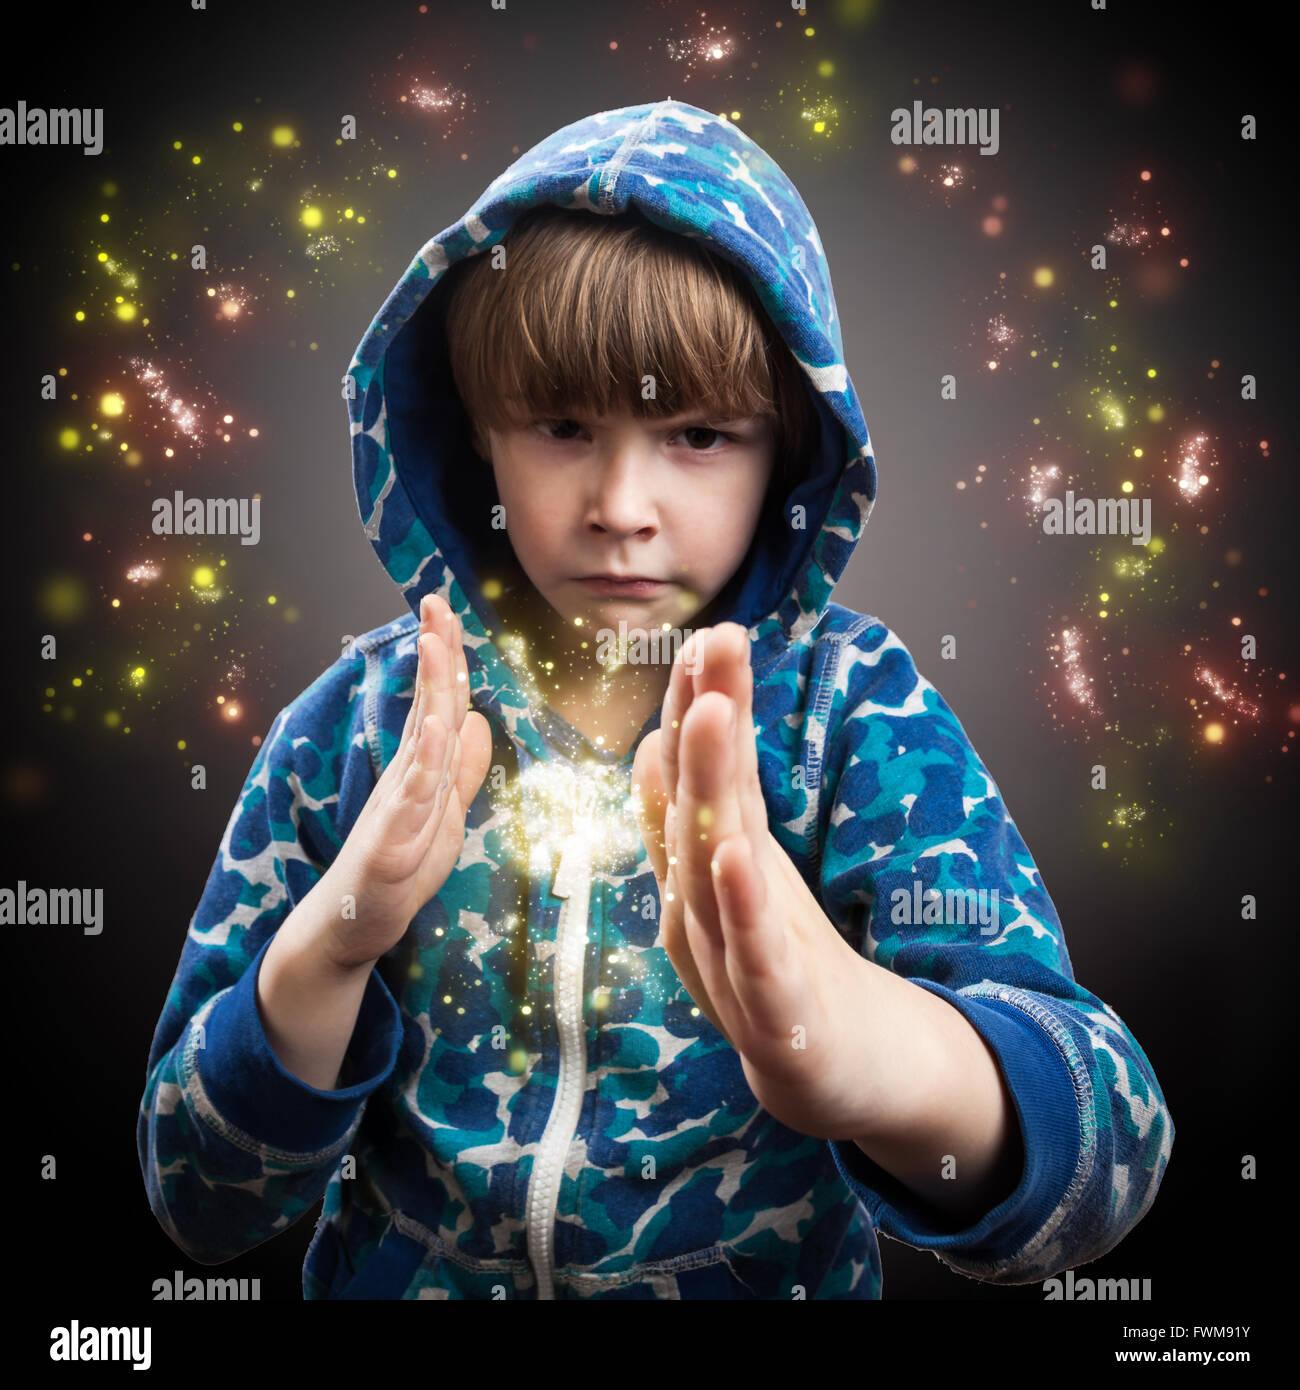 Retrato de niño mago con destellos contra el fondo gris Imagen De Stock